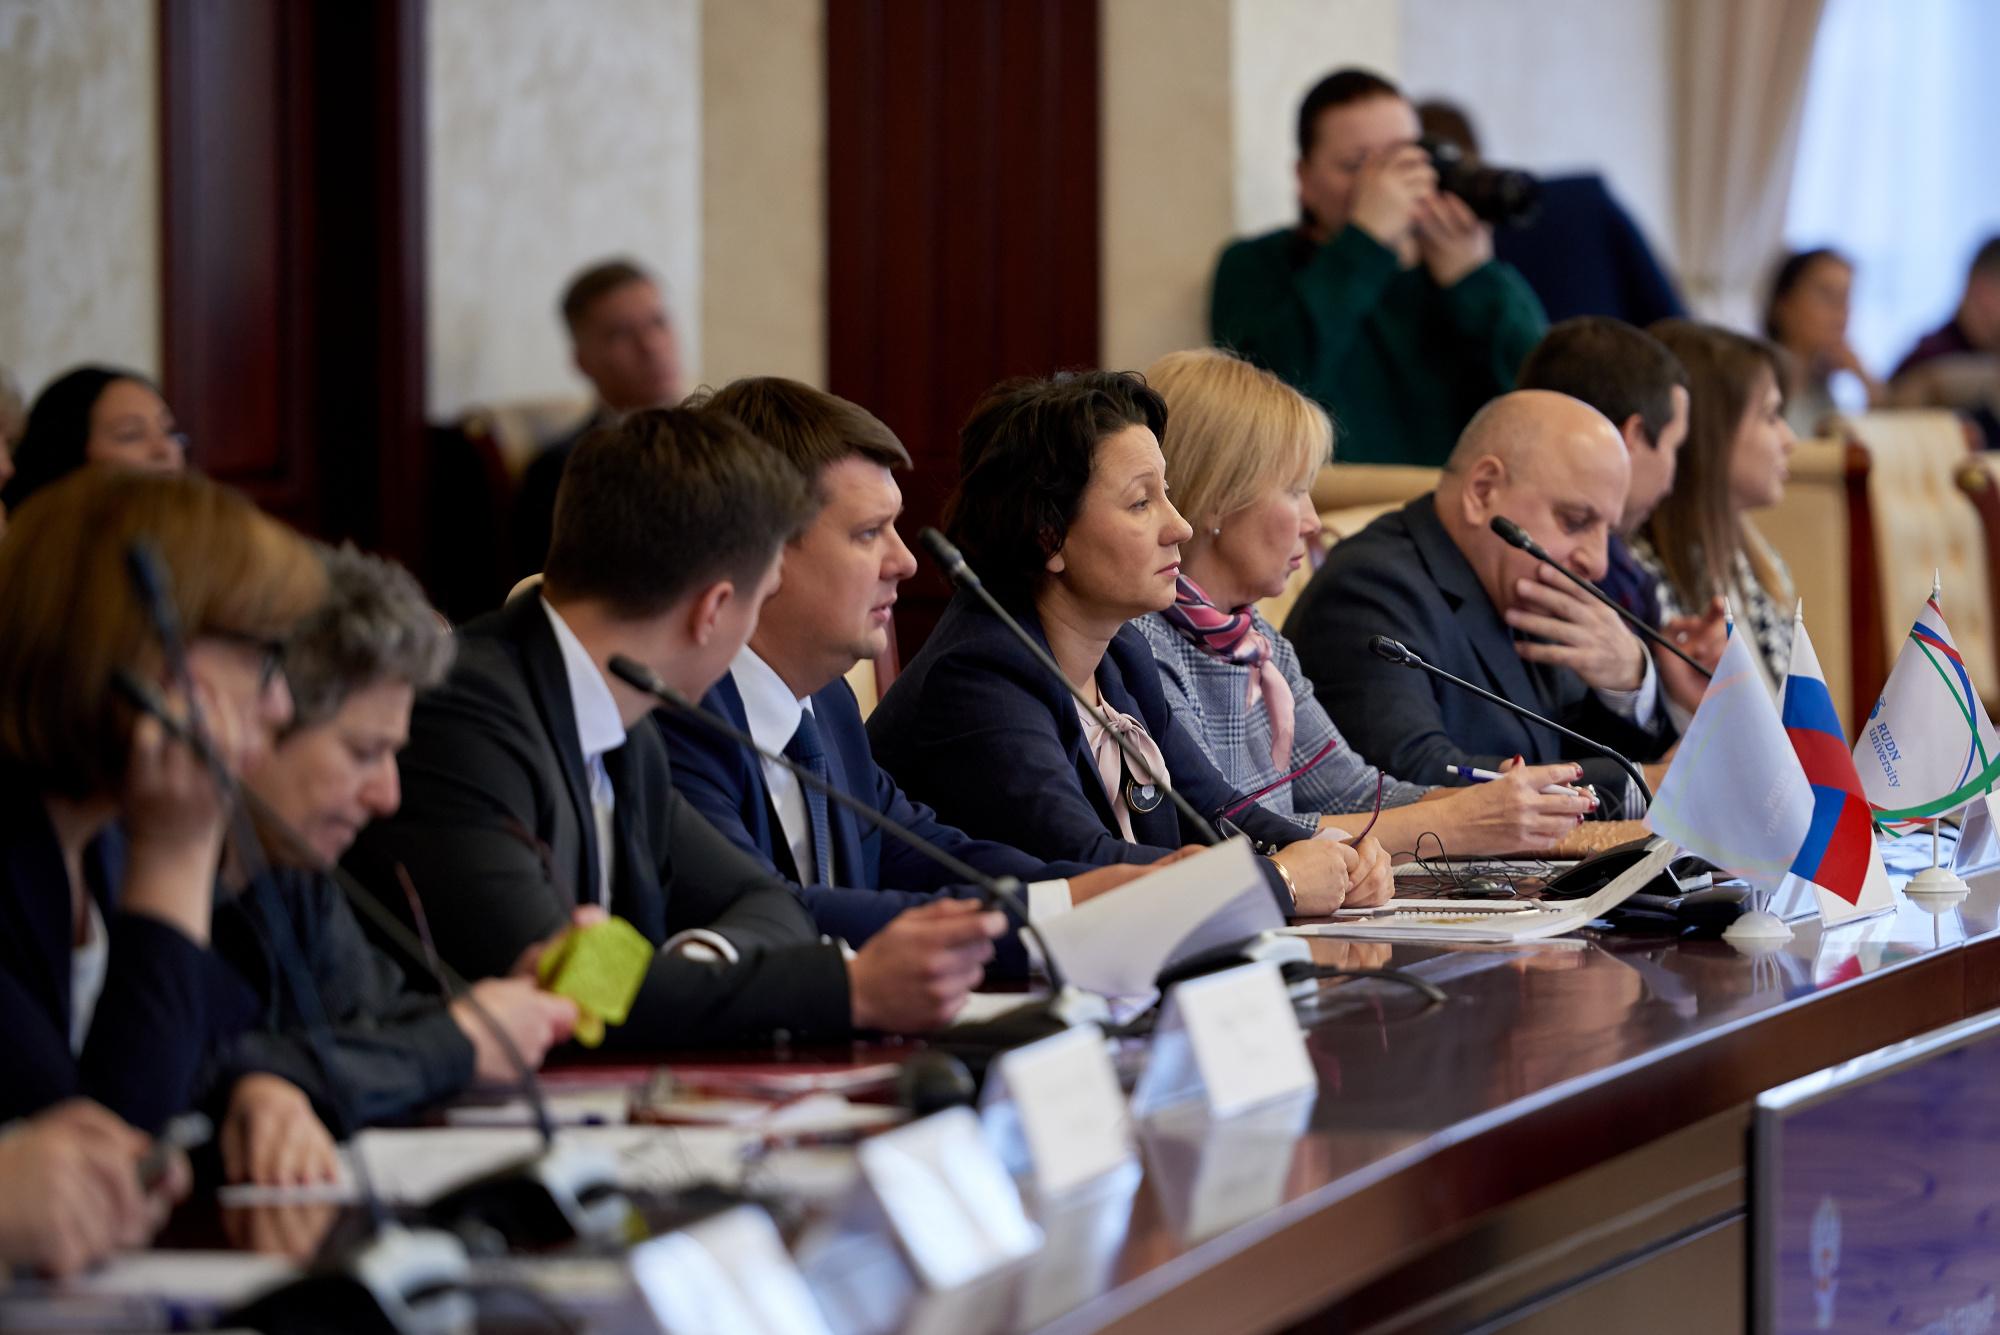 Специалисты обсудили реализацию положений Конвенций в сфере предохранения прав детей